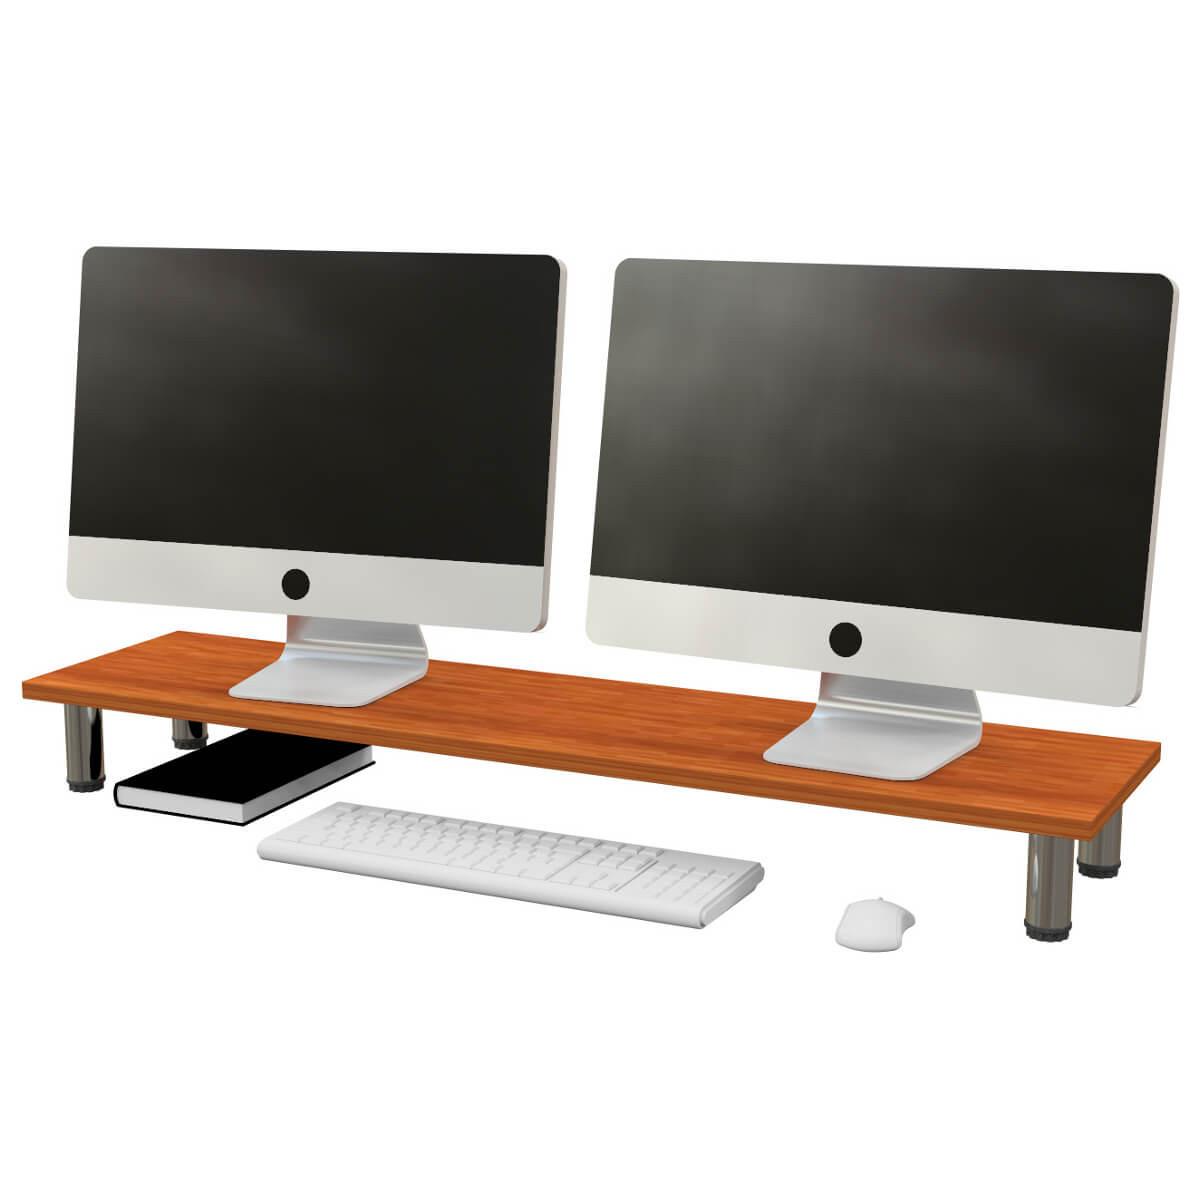 soporte monitor escritorio madera